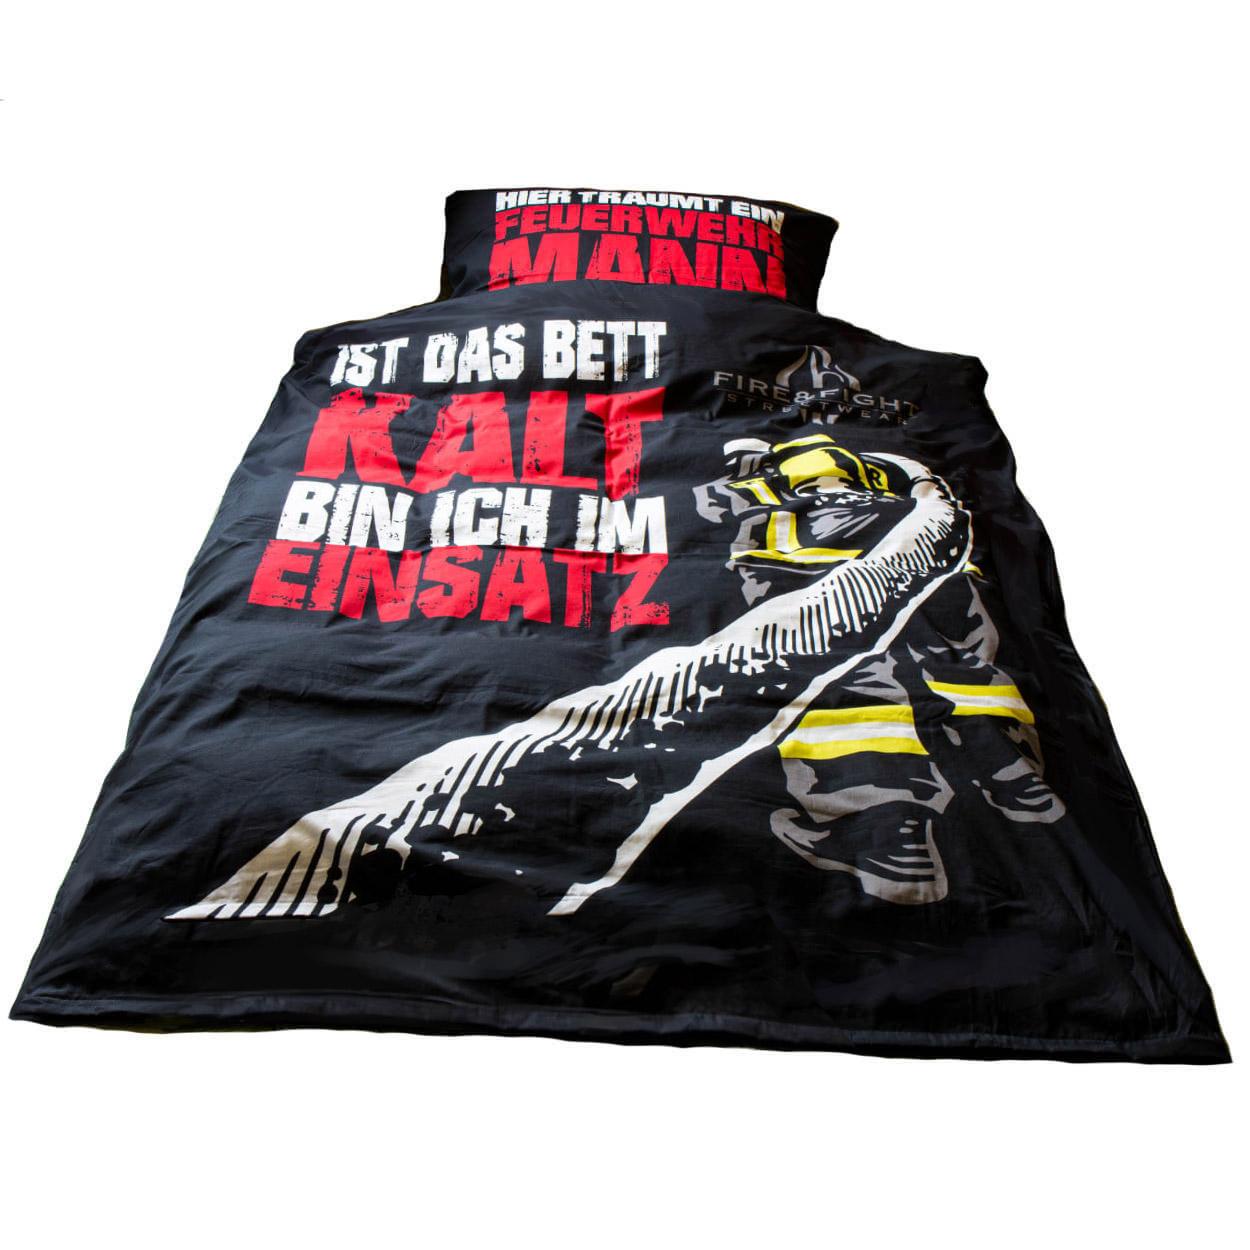 Hier träumt ein Feuerwehrmann - Bettwäsche Set